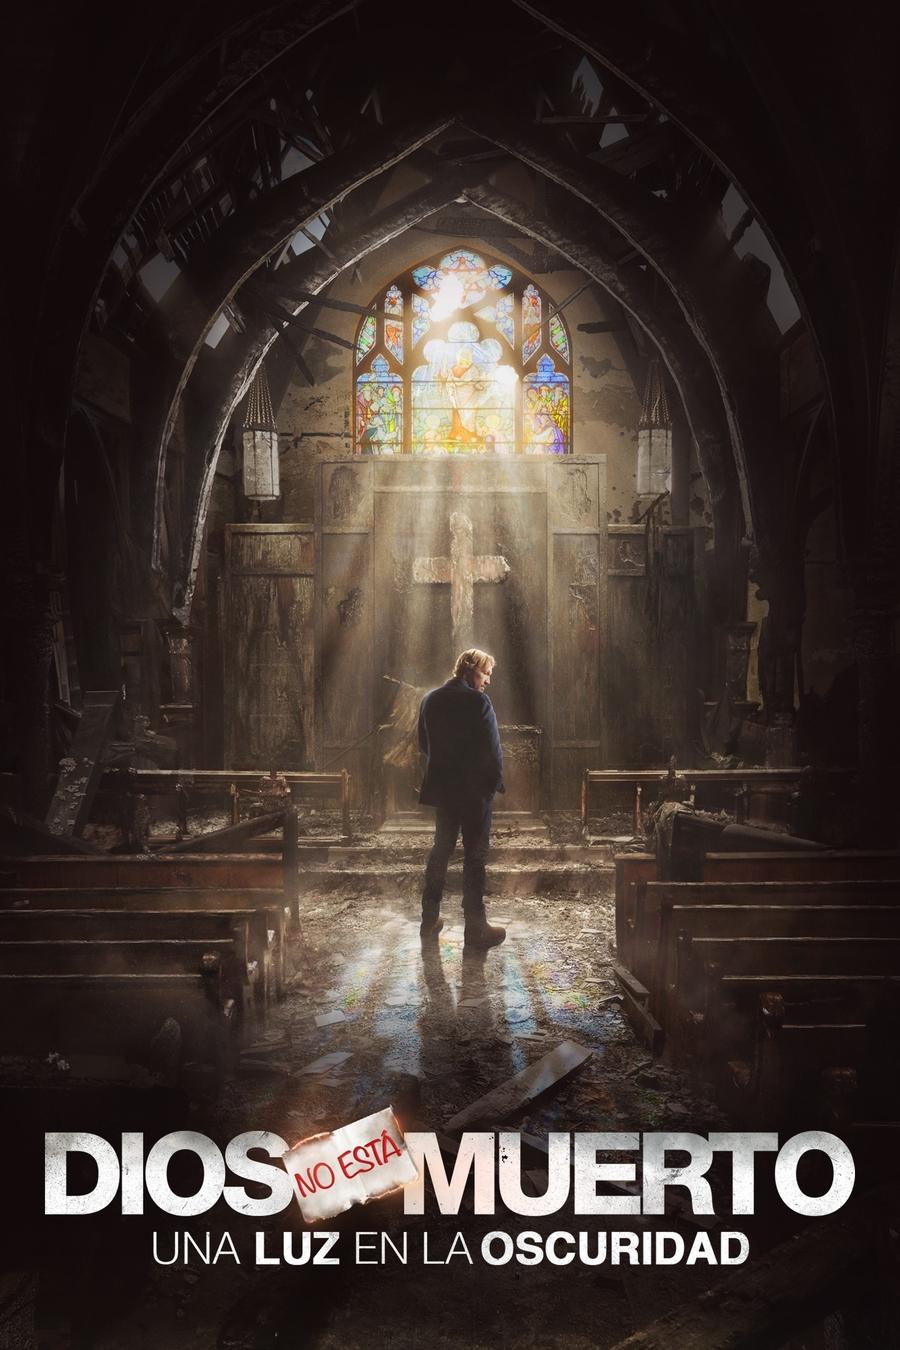 Dios no está muerto: Una luz en la oscuridad